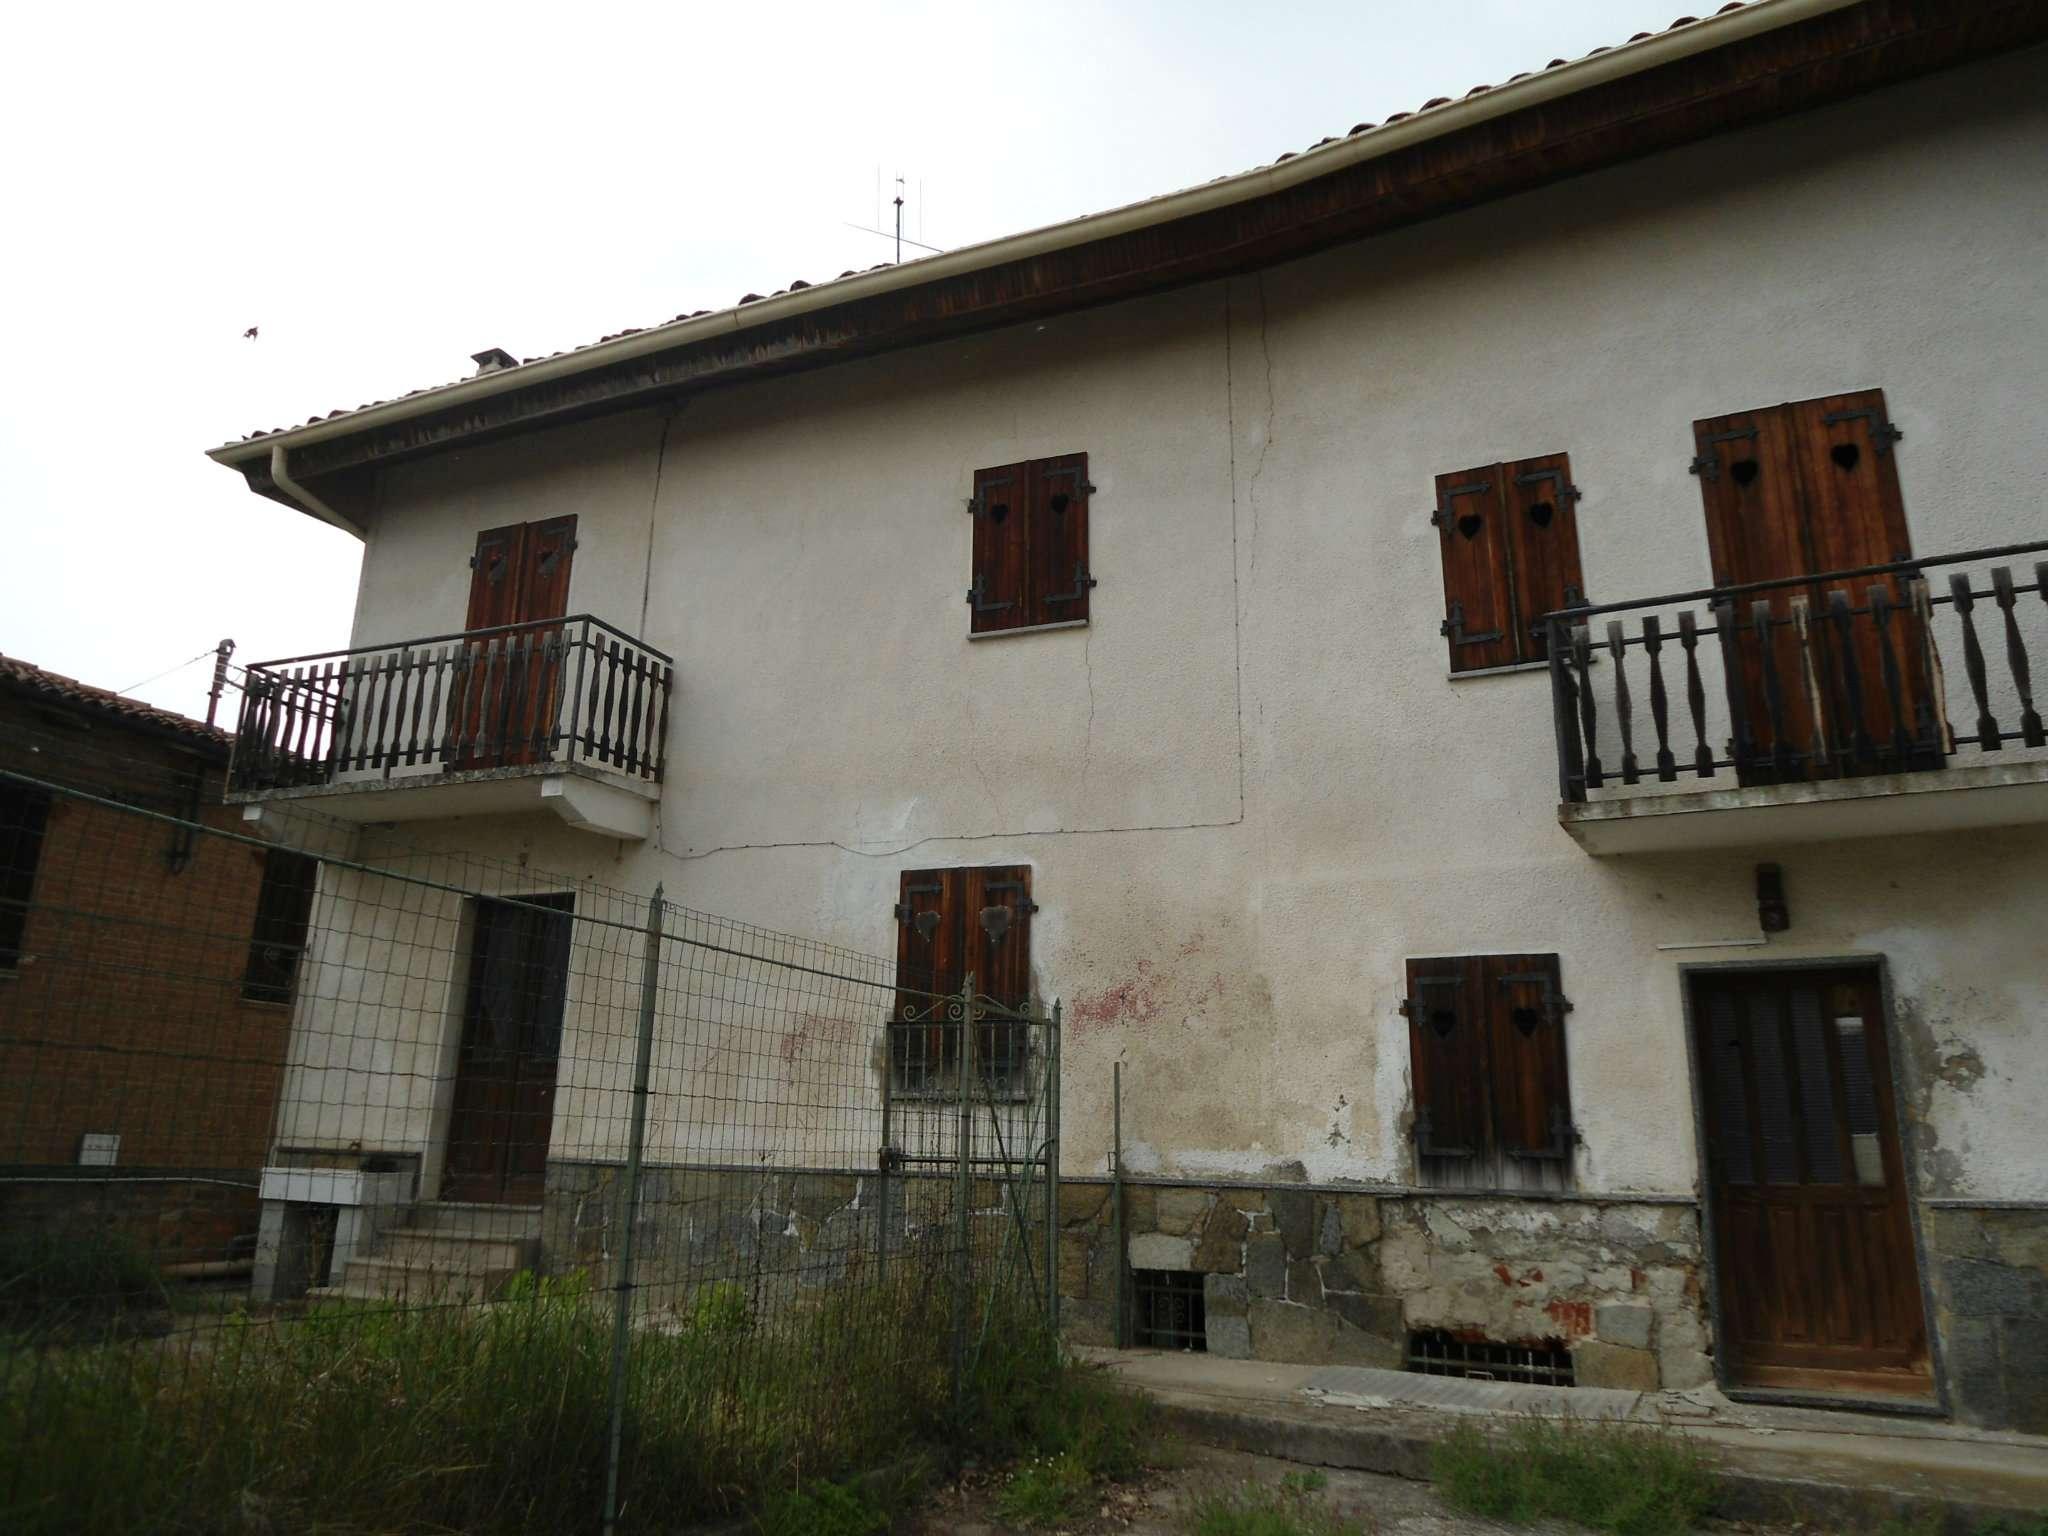 Rustico / Casale in vendita a Chiusano d'Asti, 9999 locali, prezzo € 75.000 | CambioCasa.it